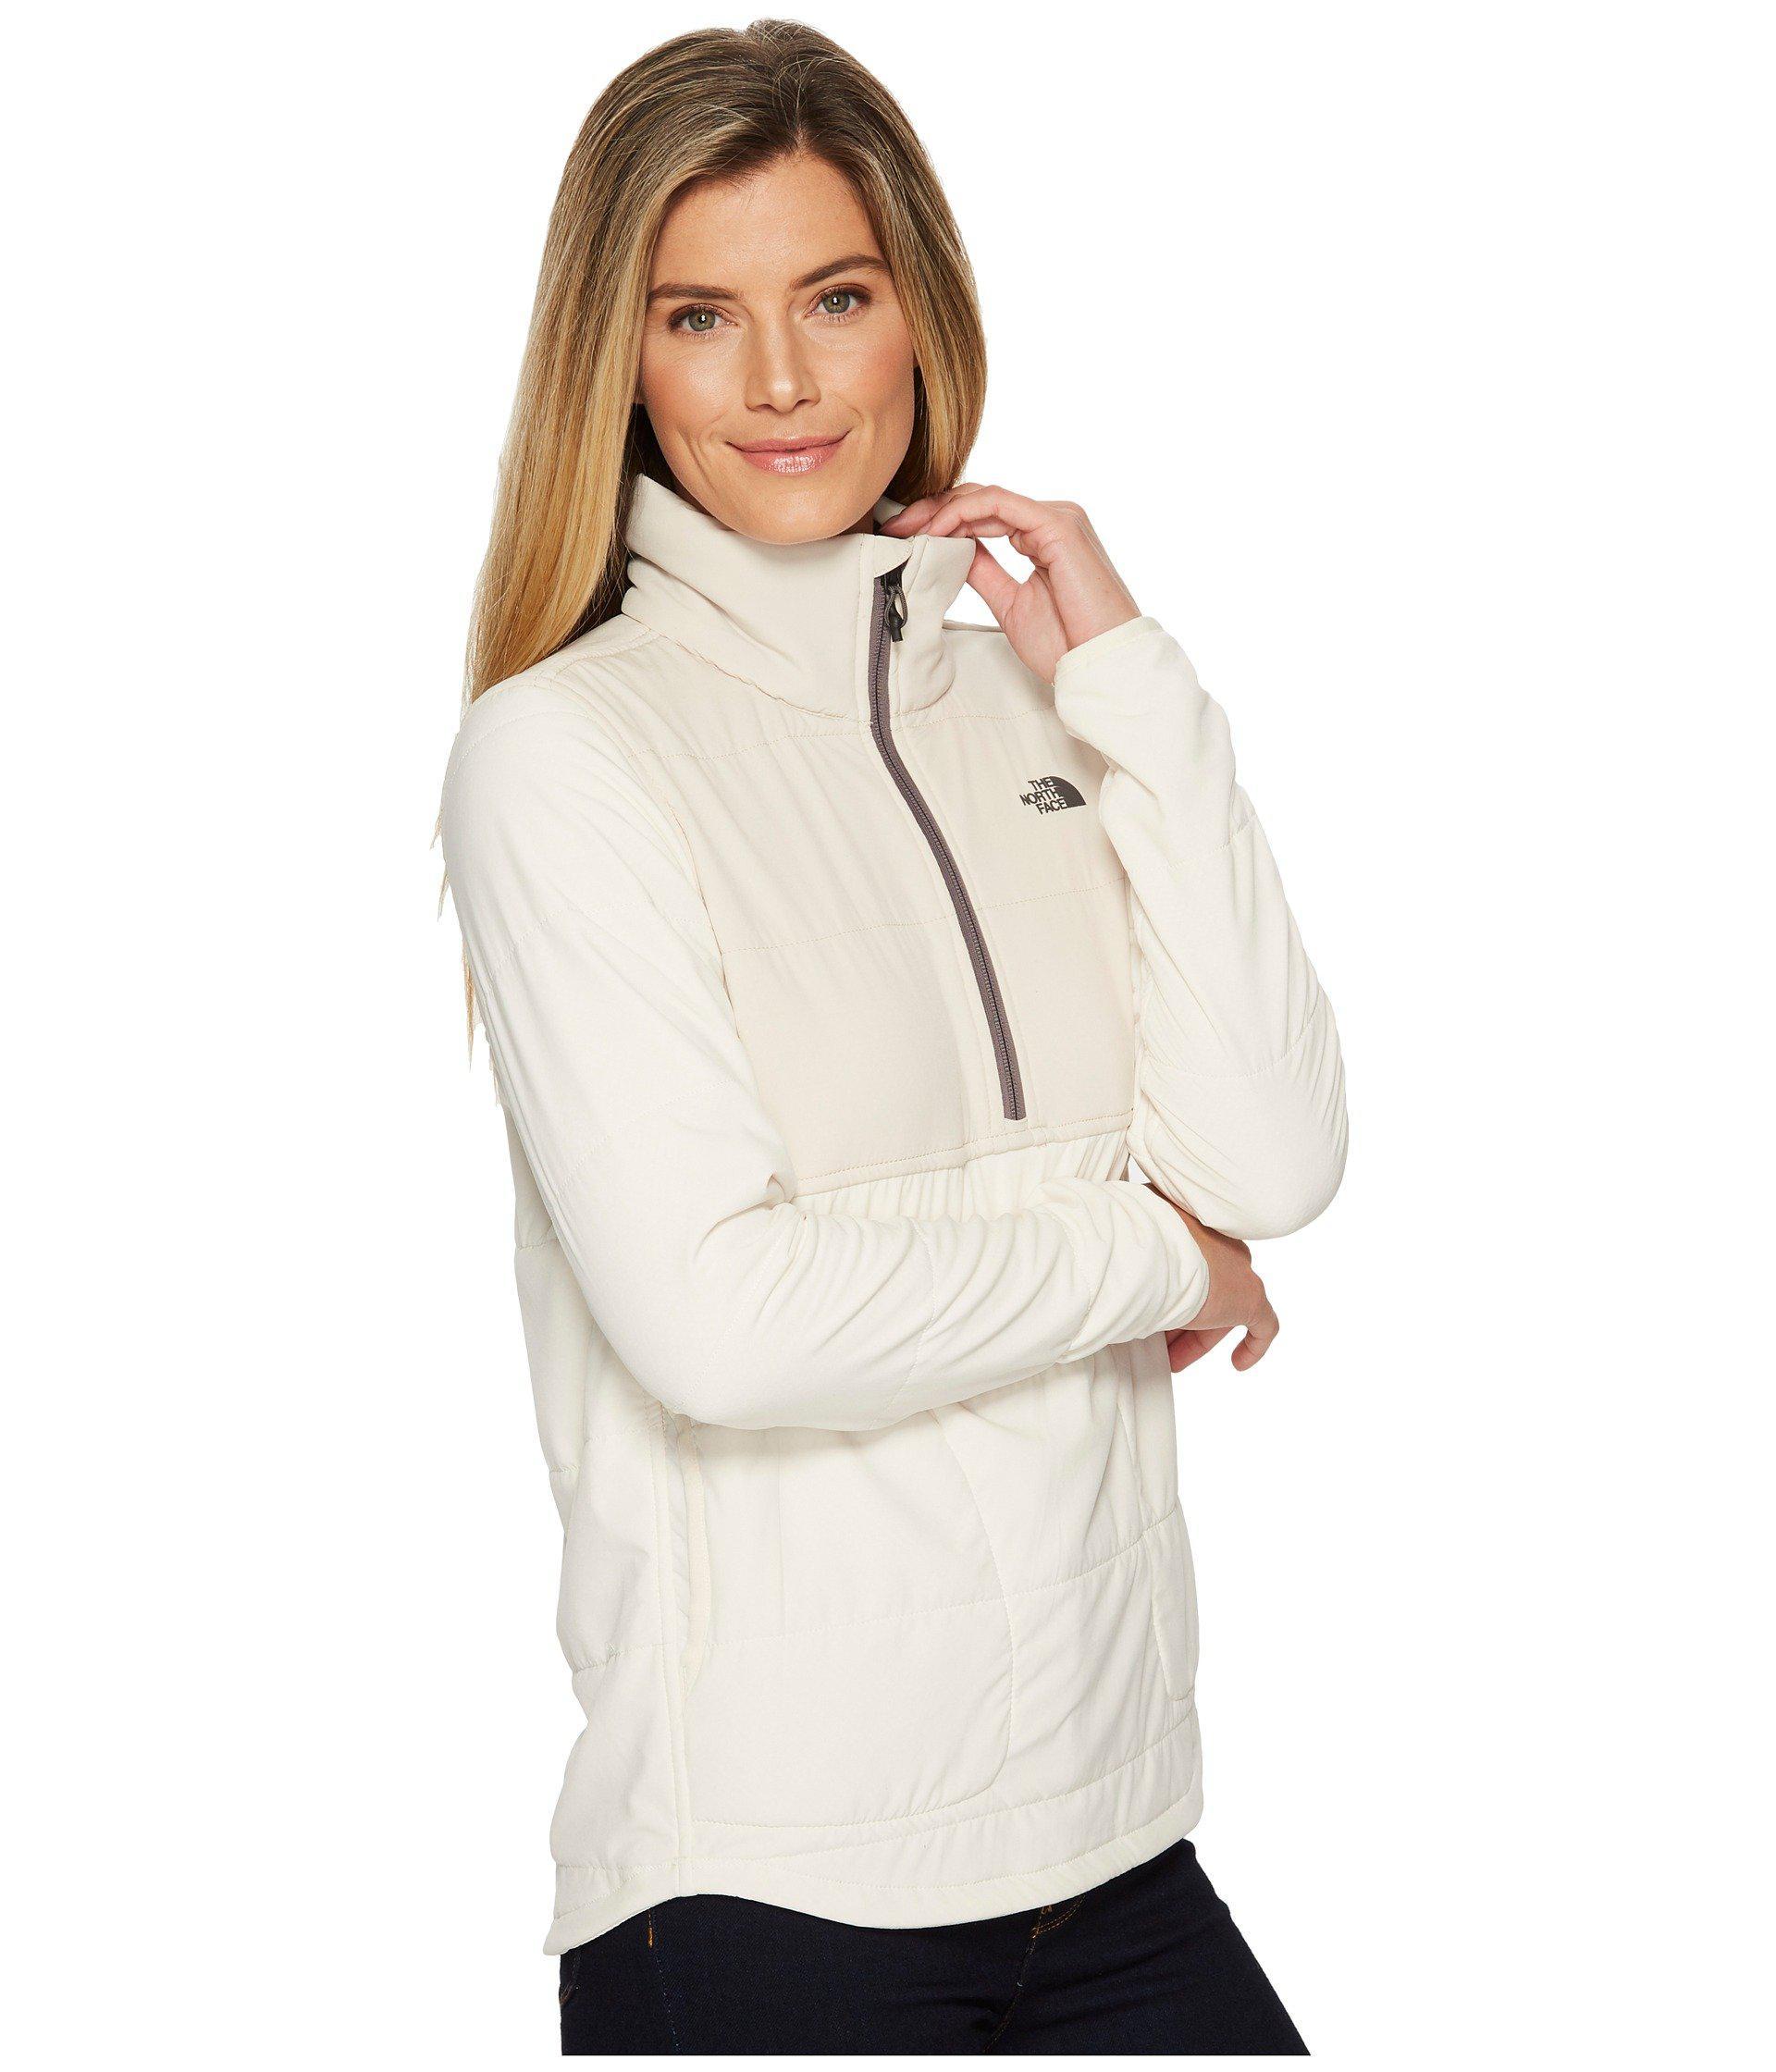 080c53cfc Natural Mountain Sweatshirt 1/4 Zip (mid Grey/asphalt Grey) Women's  Sweatshirt